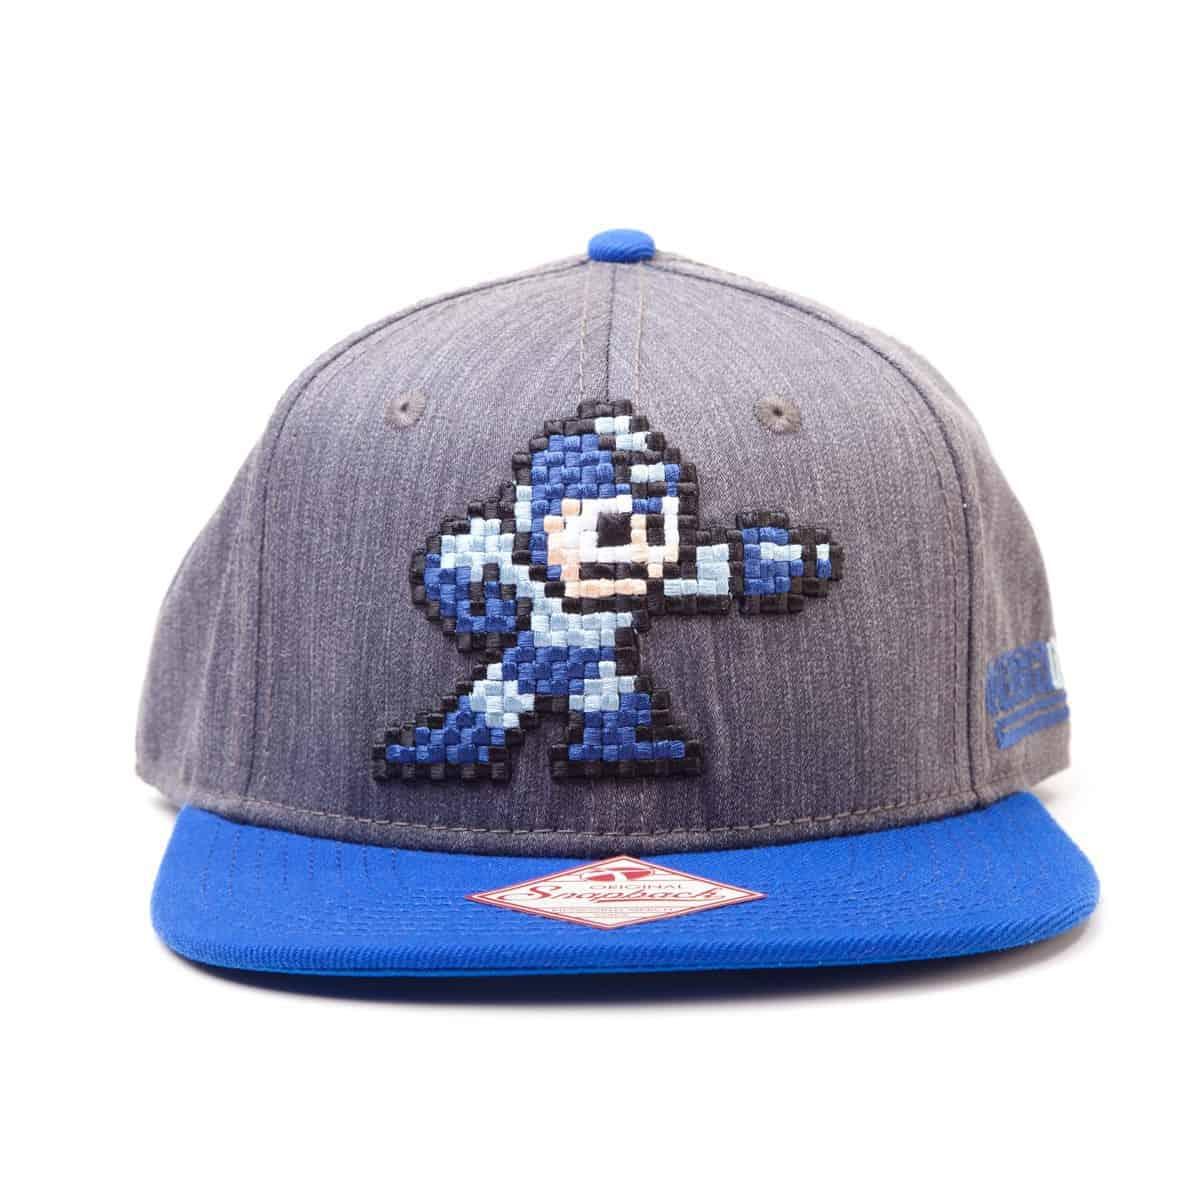 Megaman - Pixel Snapback